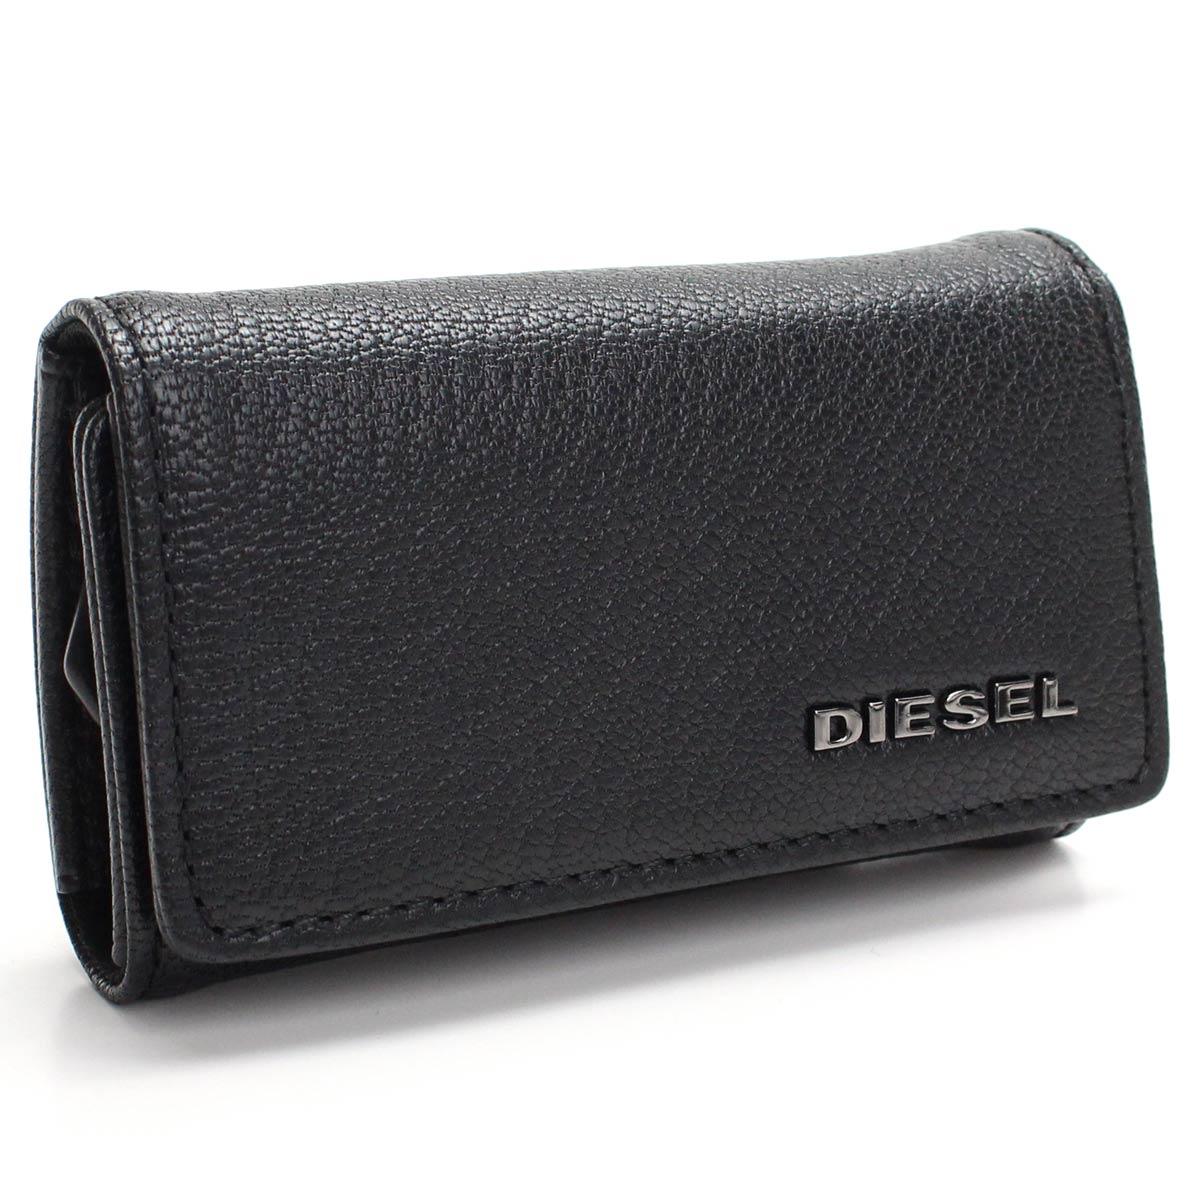 ディーゼル DIESEL レザー 6連キーケース X06629 P0396 T8013 ブラック